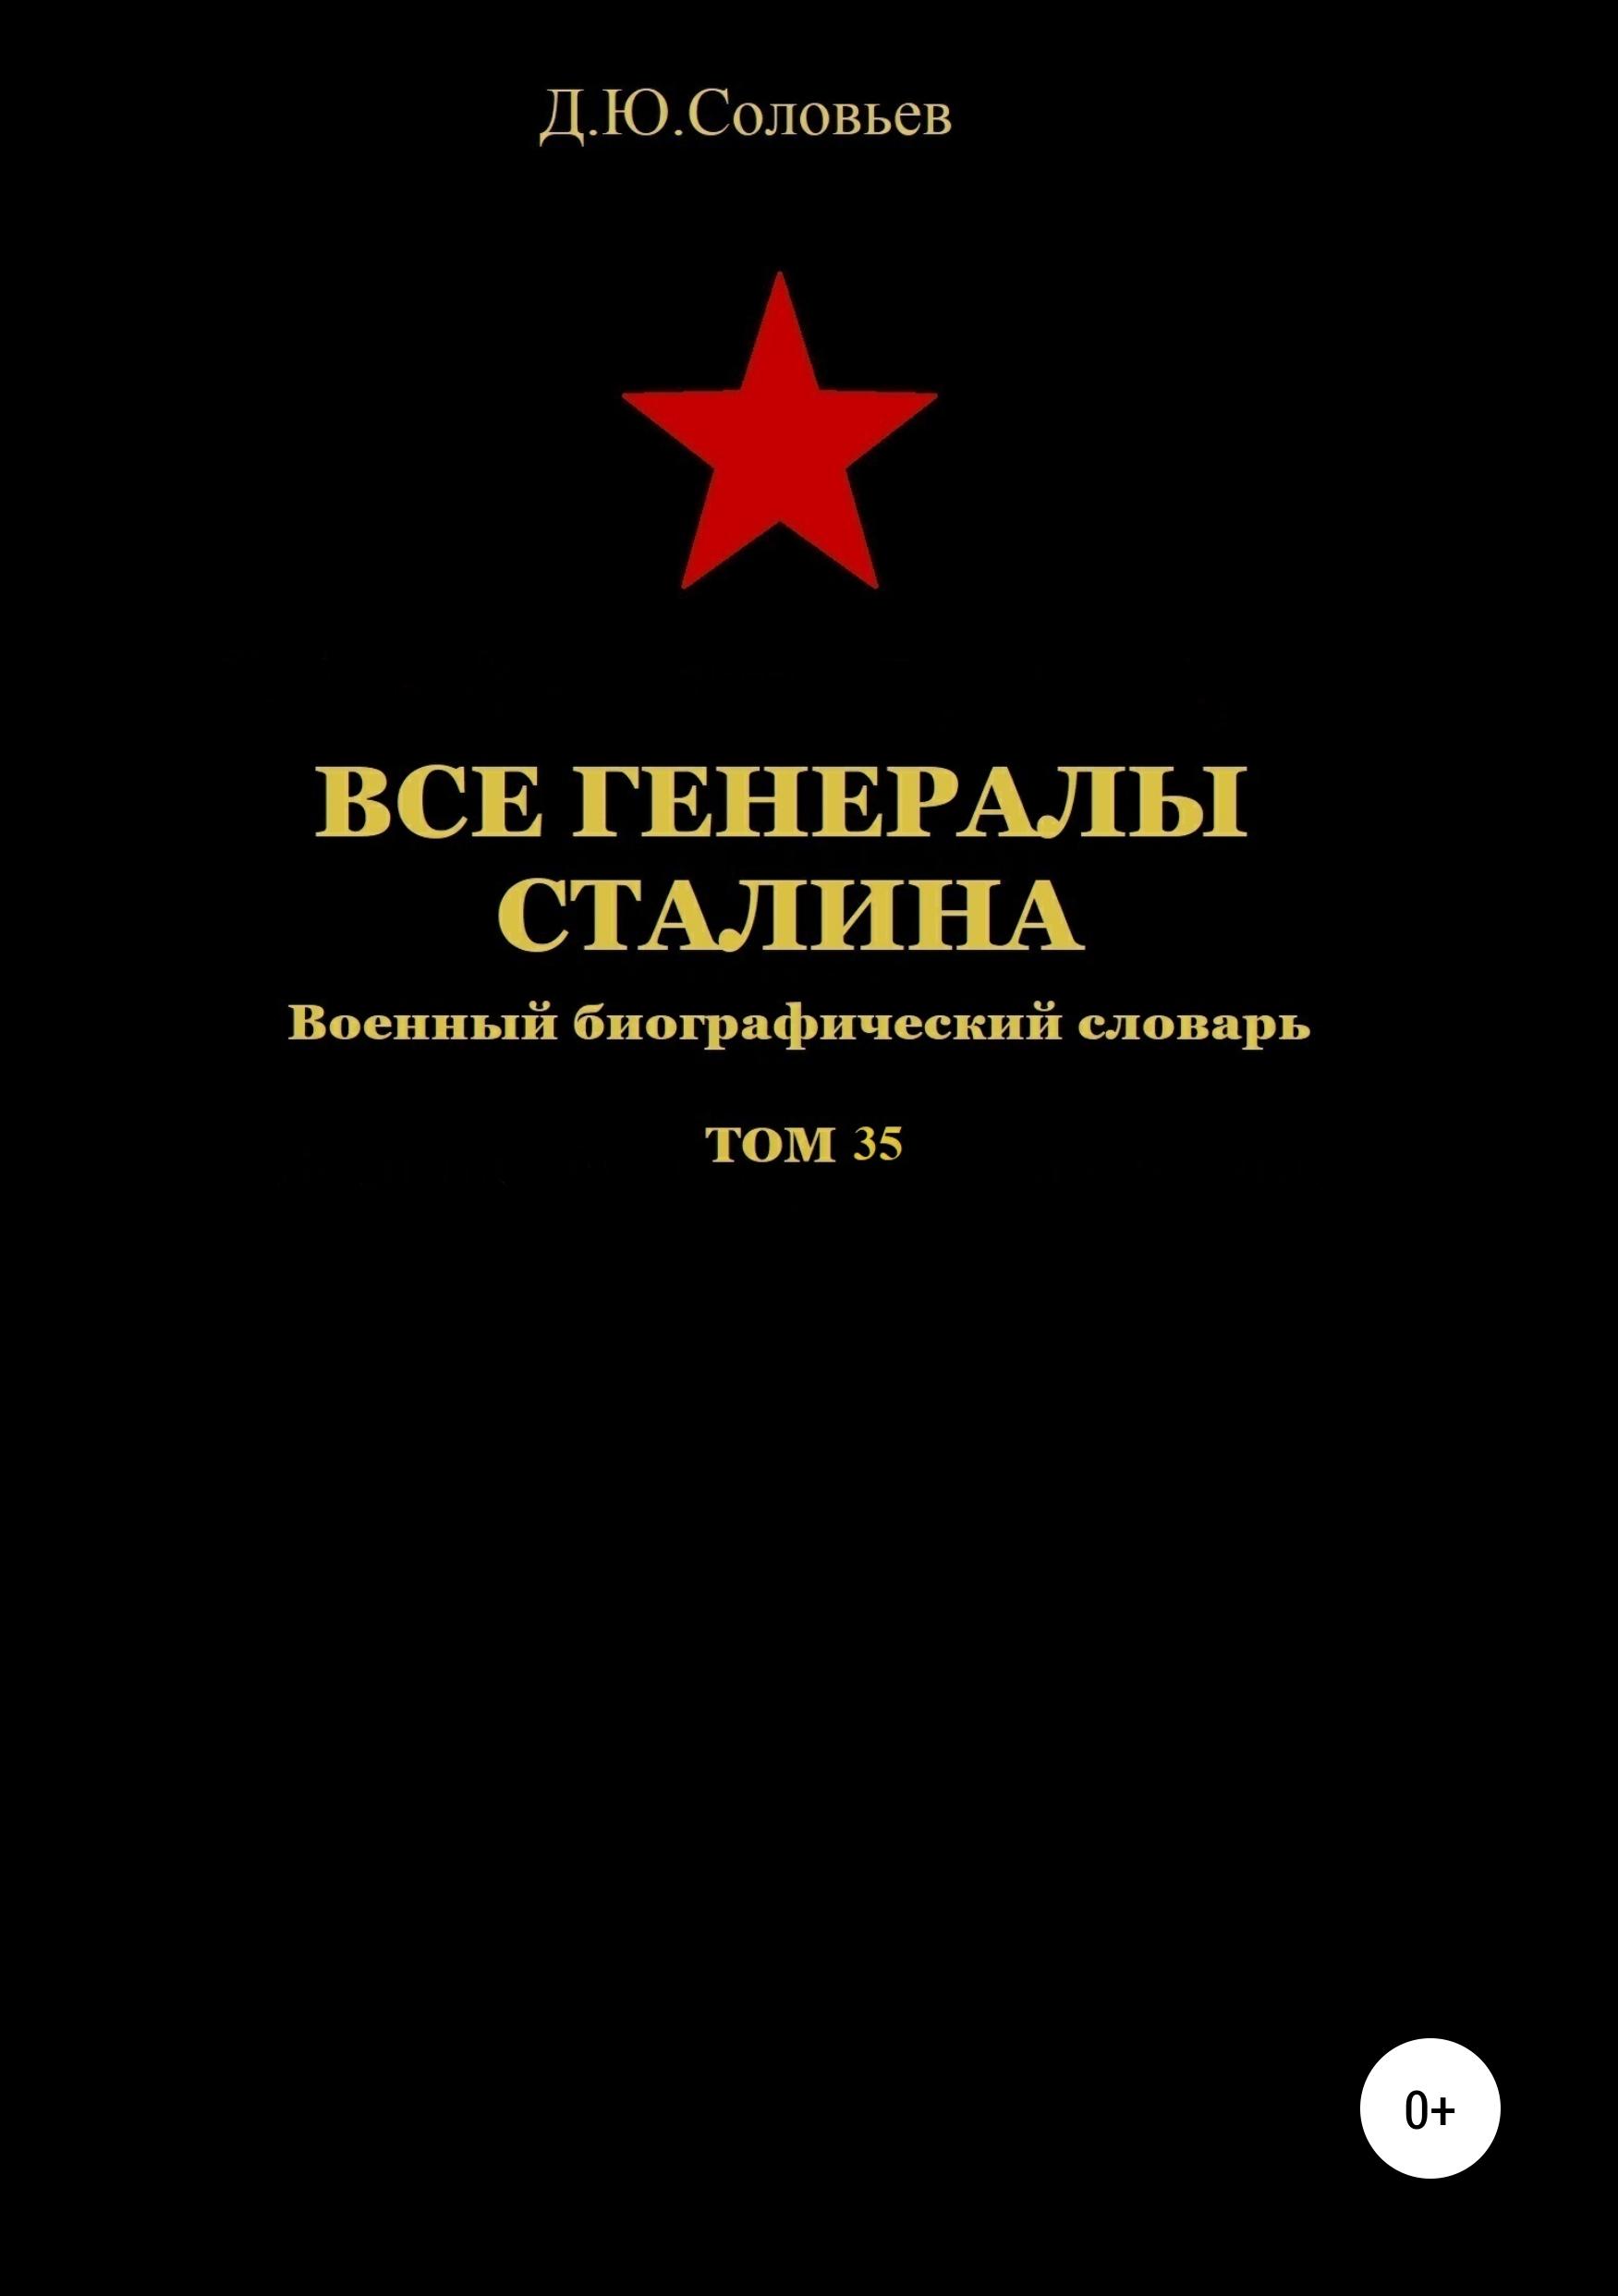 Все генералы Сталина. Том 35